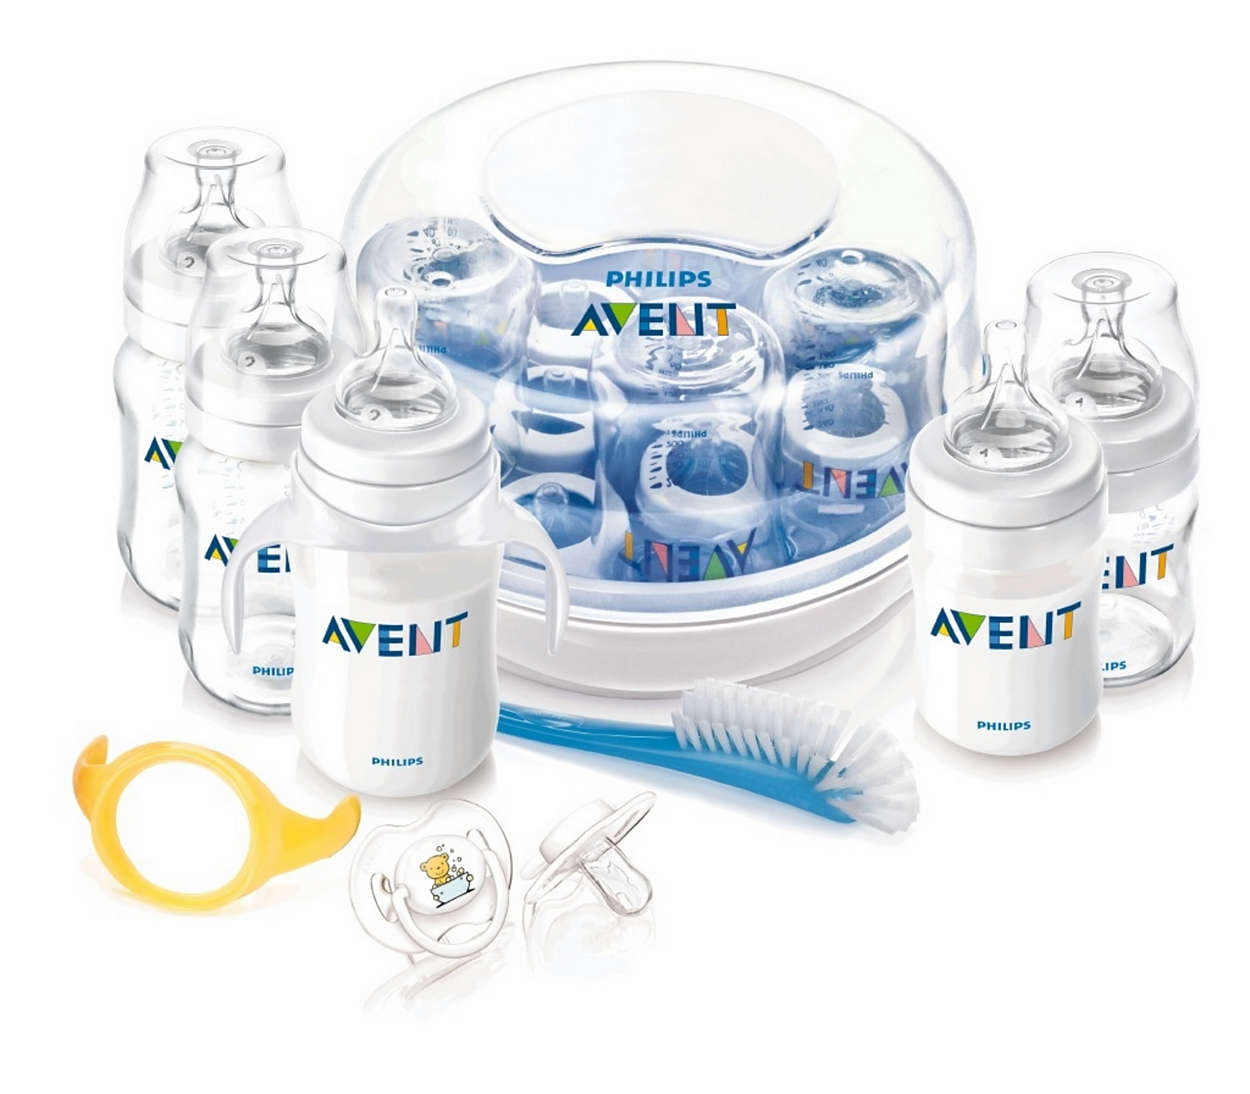 Grundausstattung zur Flaschenfütterung und Sterilisation